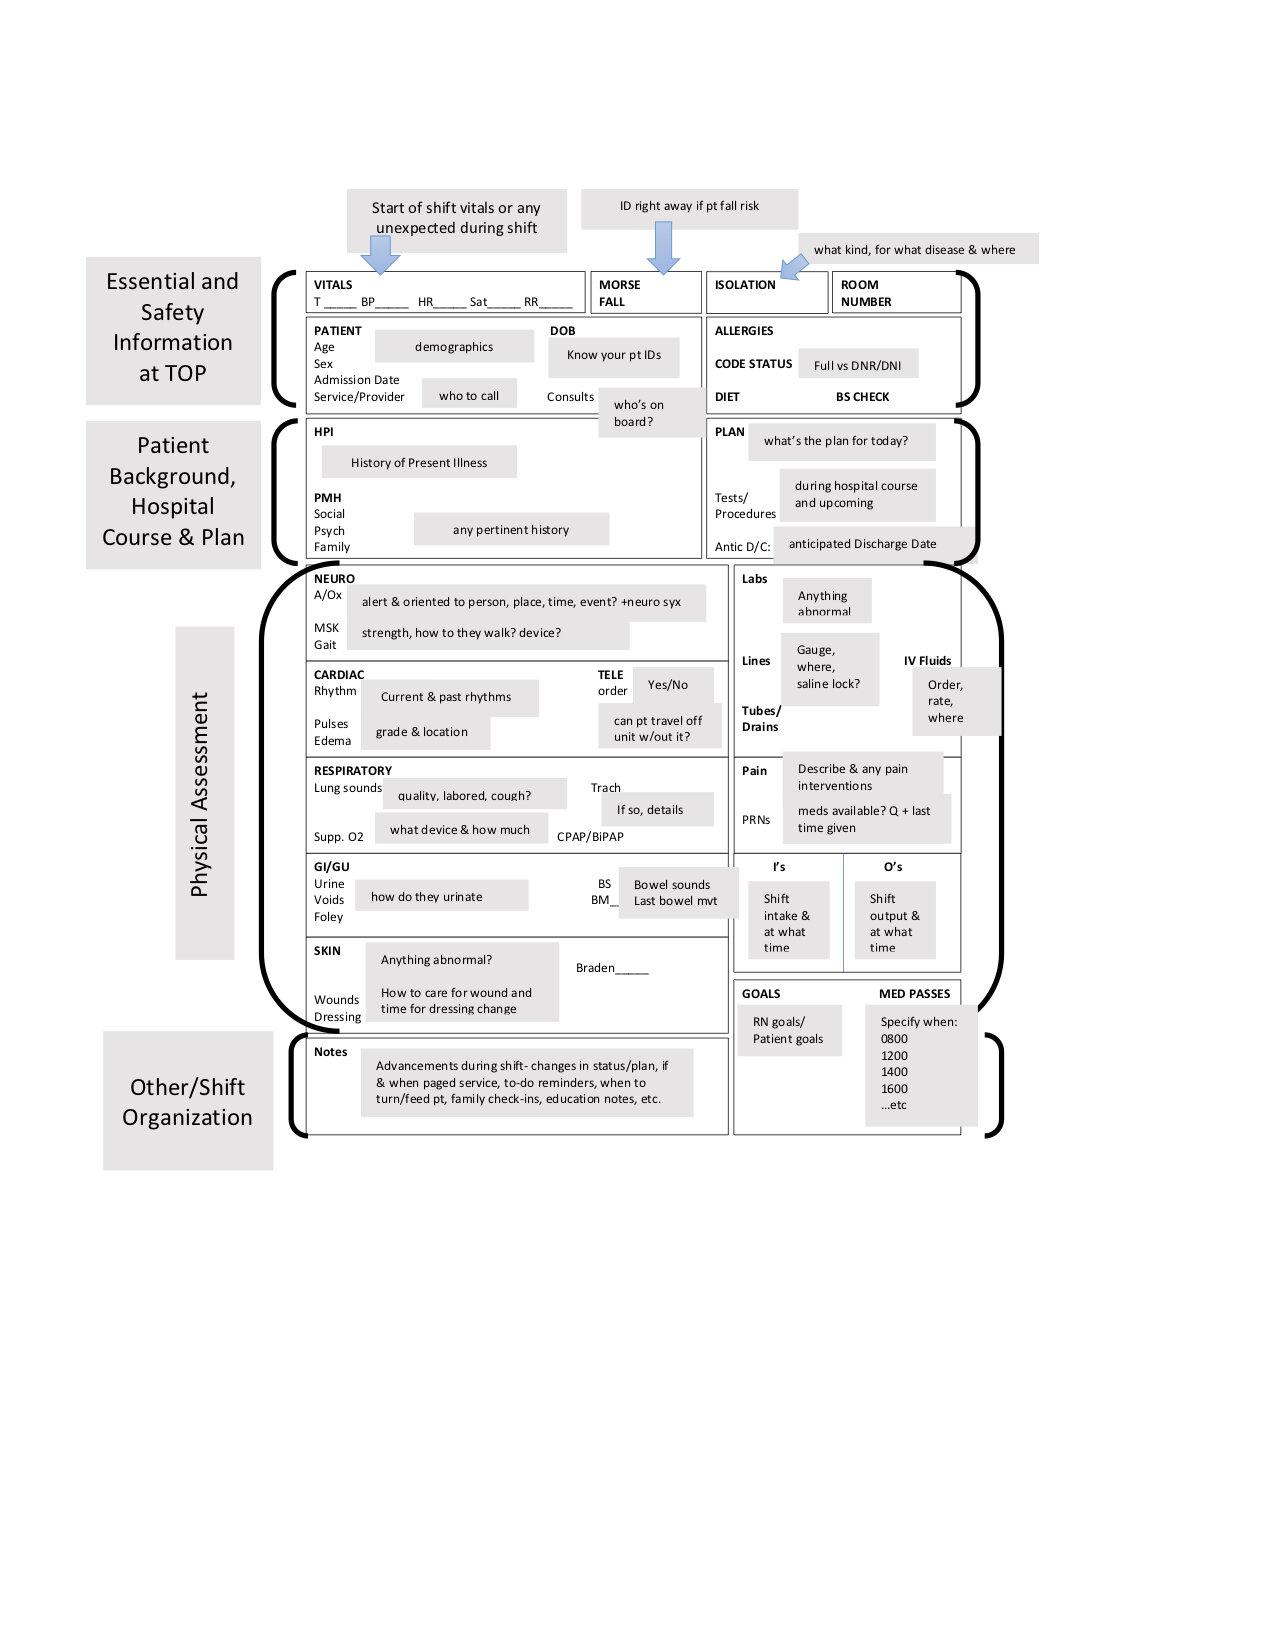 My RN Report Sheet — jaclyn darling In Nurse Report Template